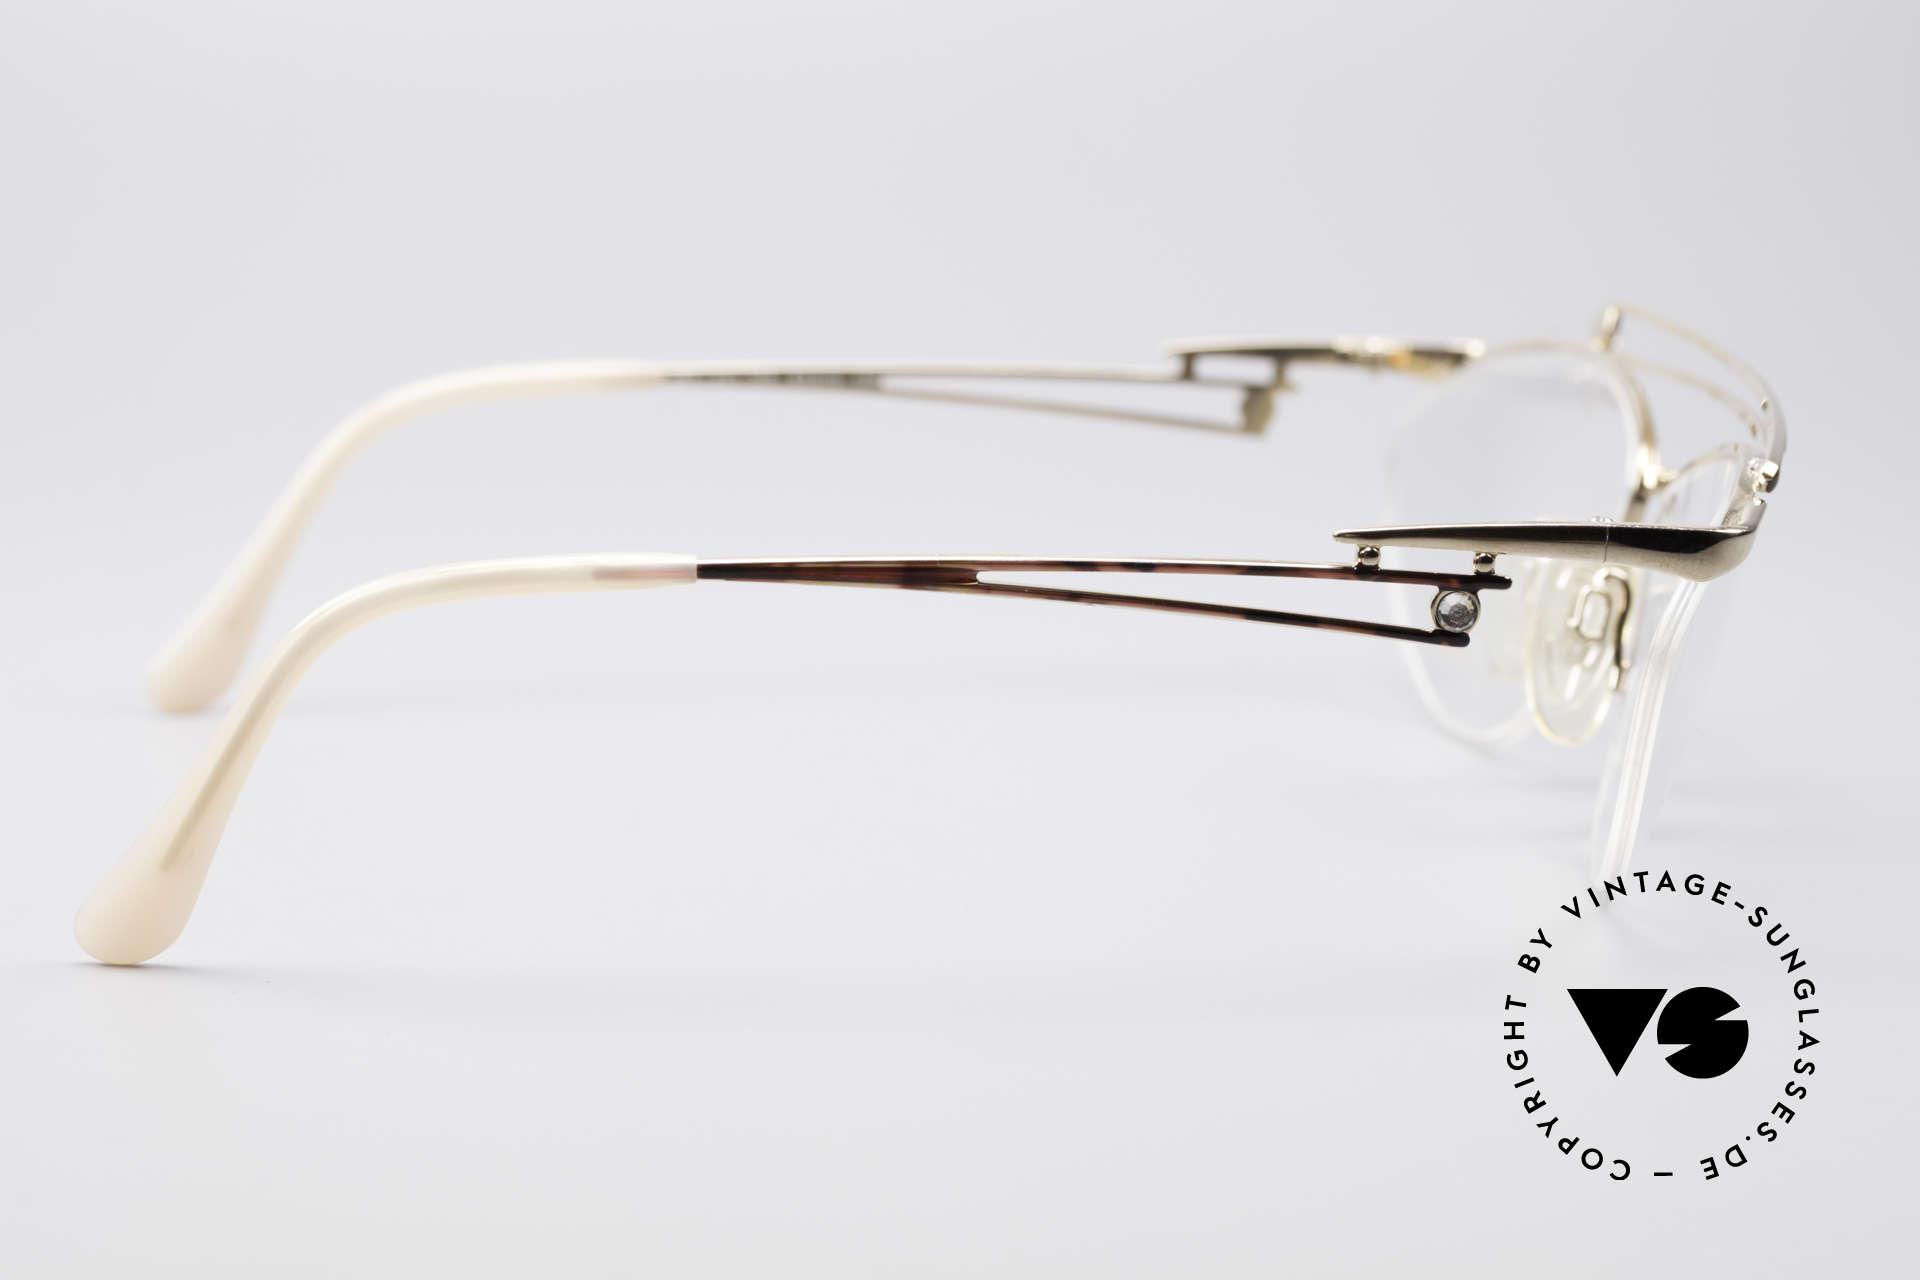 Neostyle Jet 221 Schmuckstein Vintage Brille, KEINE Retromode, sondern ein 80er Jahre ORIGINAL!, Passend für Damen